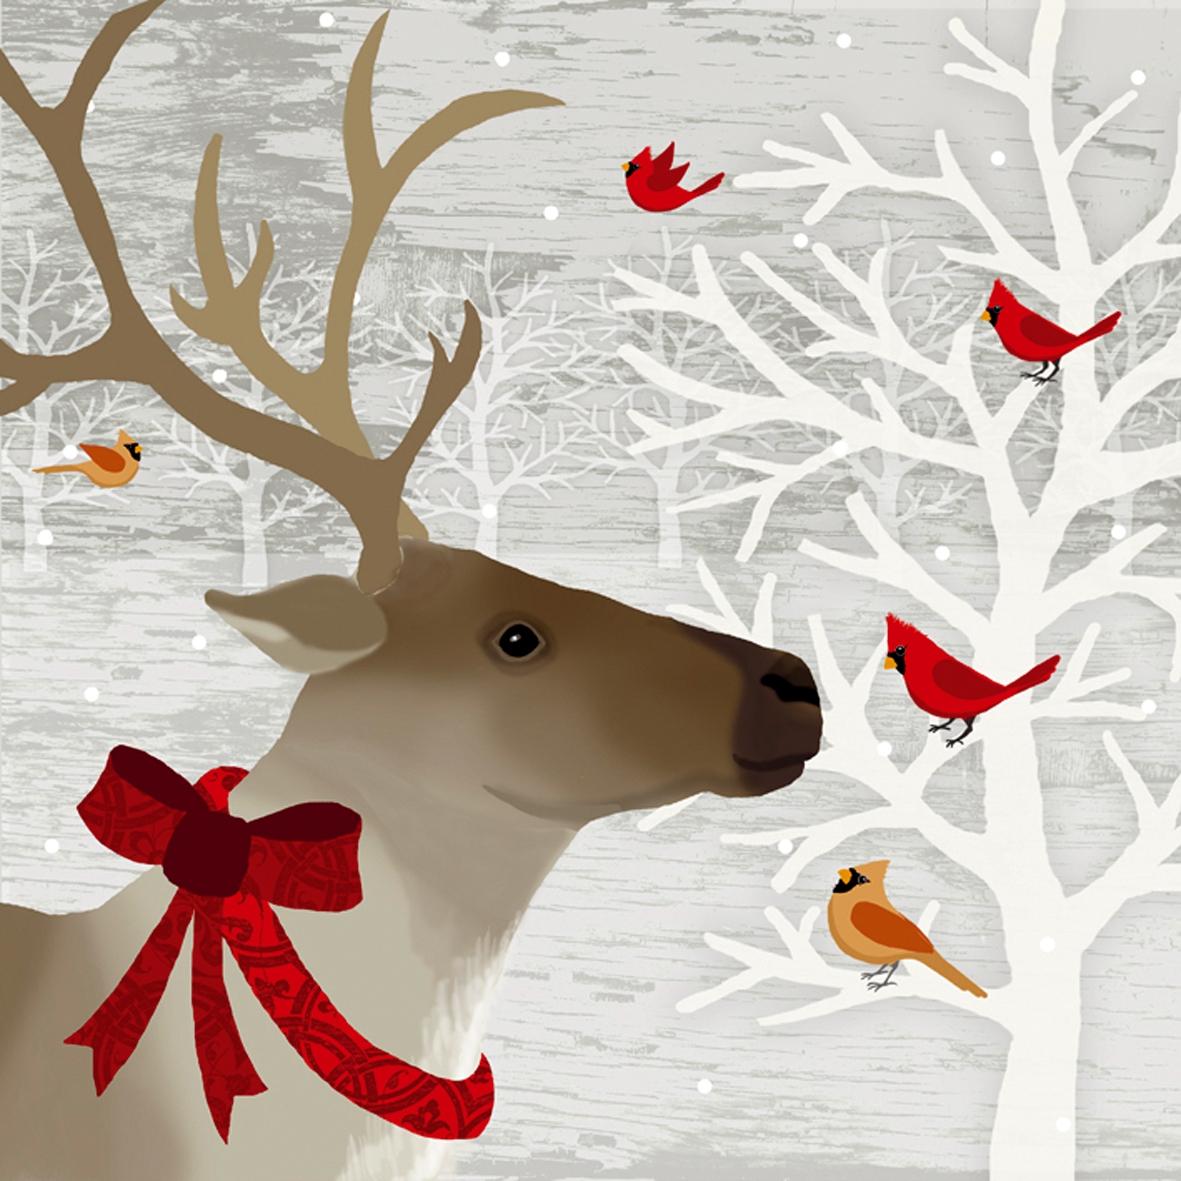 Servietten Tiermotive,  Tiere - Vögel,  Tiere - Reh / Hirsch,  Weihnachten,  lunchservietten,  Hirsch,  Vögel